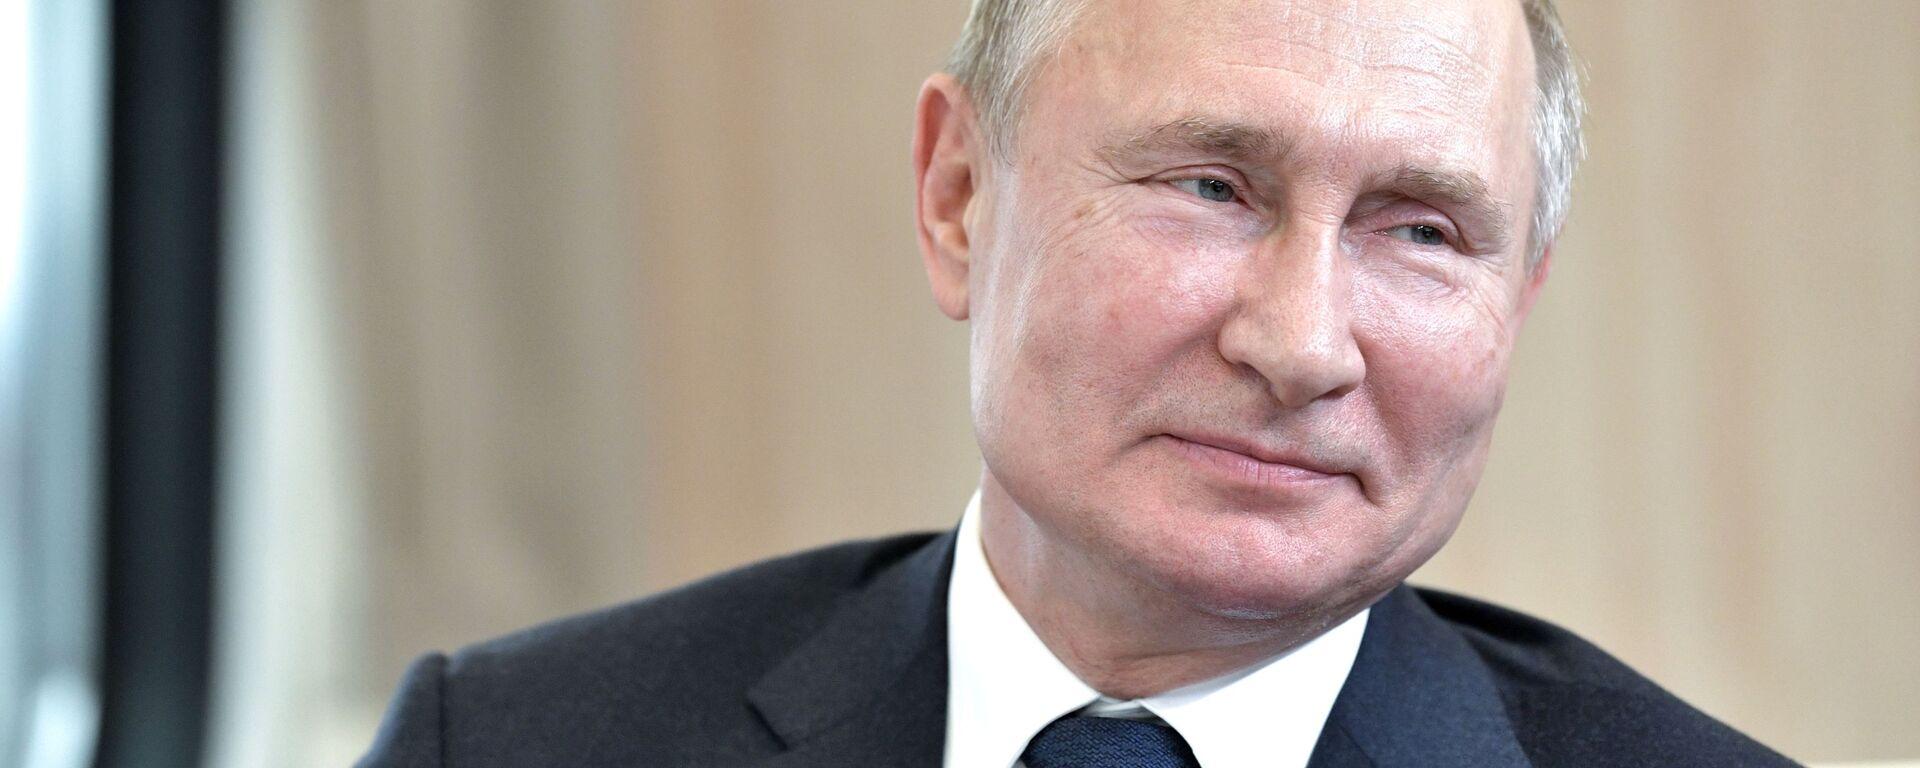 El presidente de Rusia, Vladímir Putin - Sputnik Mundo, 1920, 23.12.2019